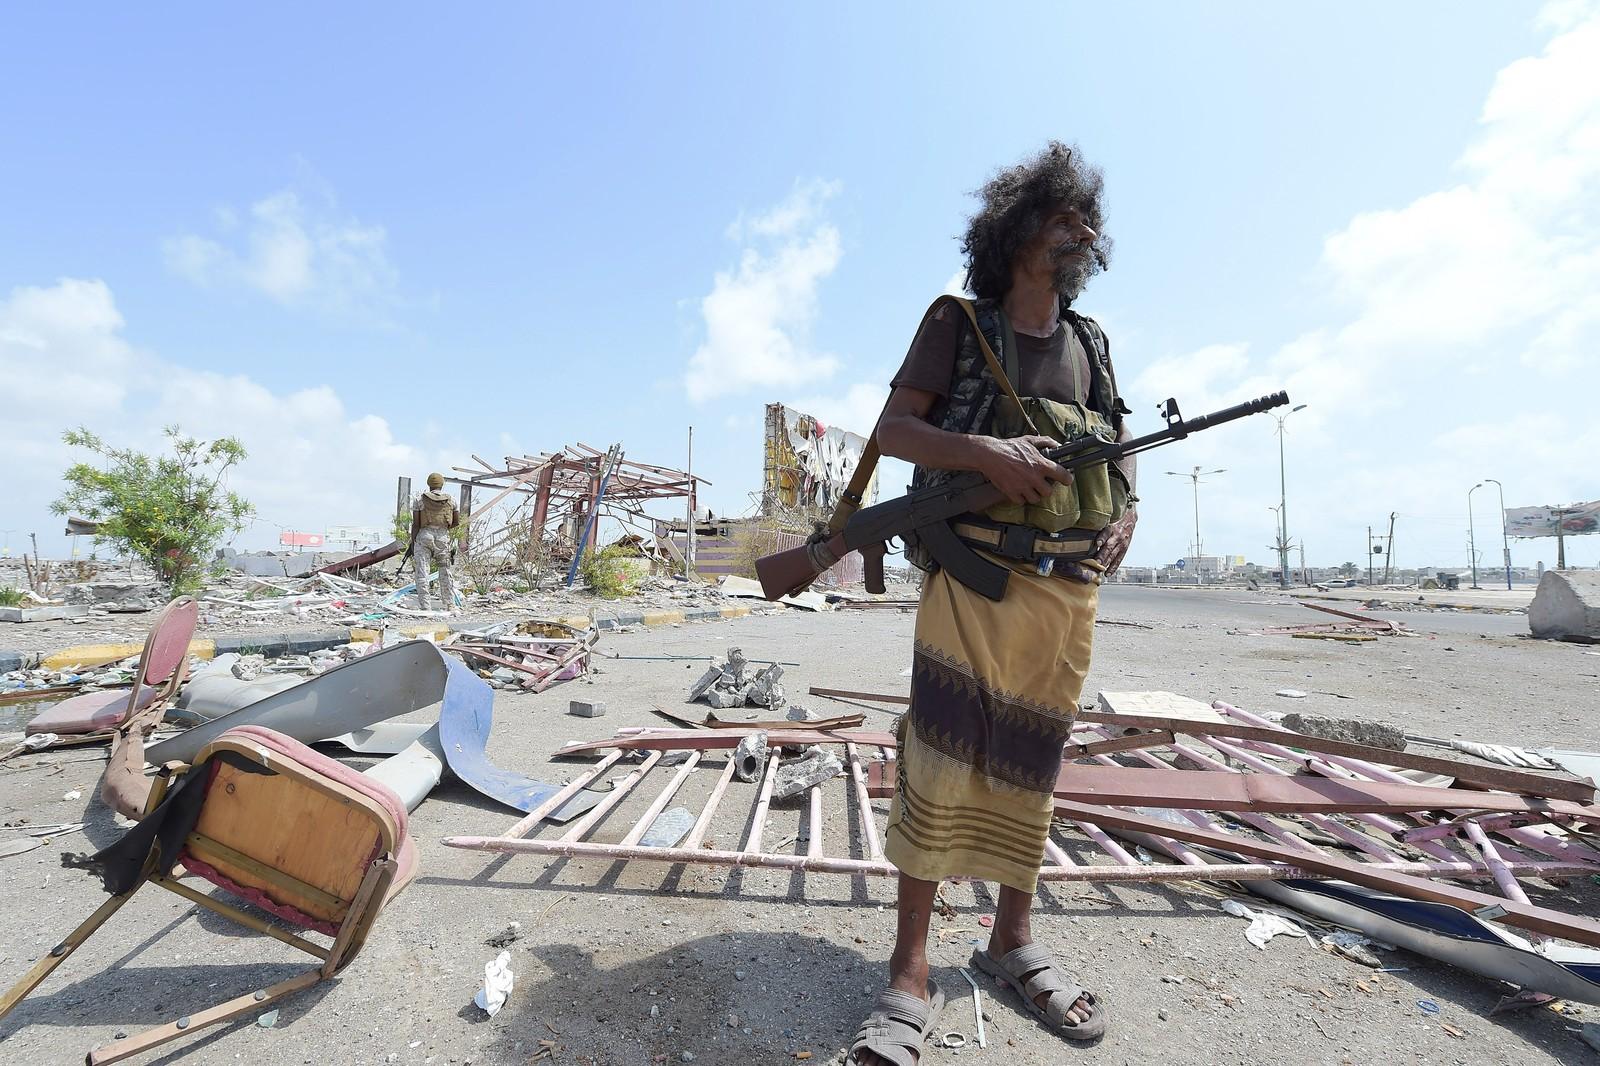 En mann fra Jemen foran en vaktpost i byen Aden. Dødstallet i Jemen-konflikten har økt til nesten 4000 siden Saudi-Arabias luftkrig mot Houthi-opprørerne startet i mars, ifølge FN.